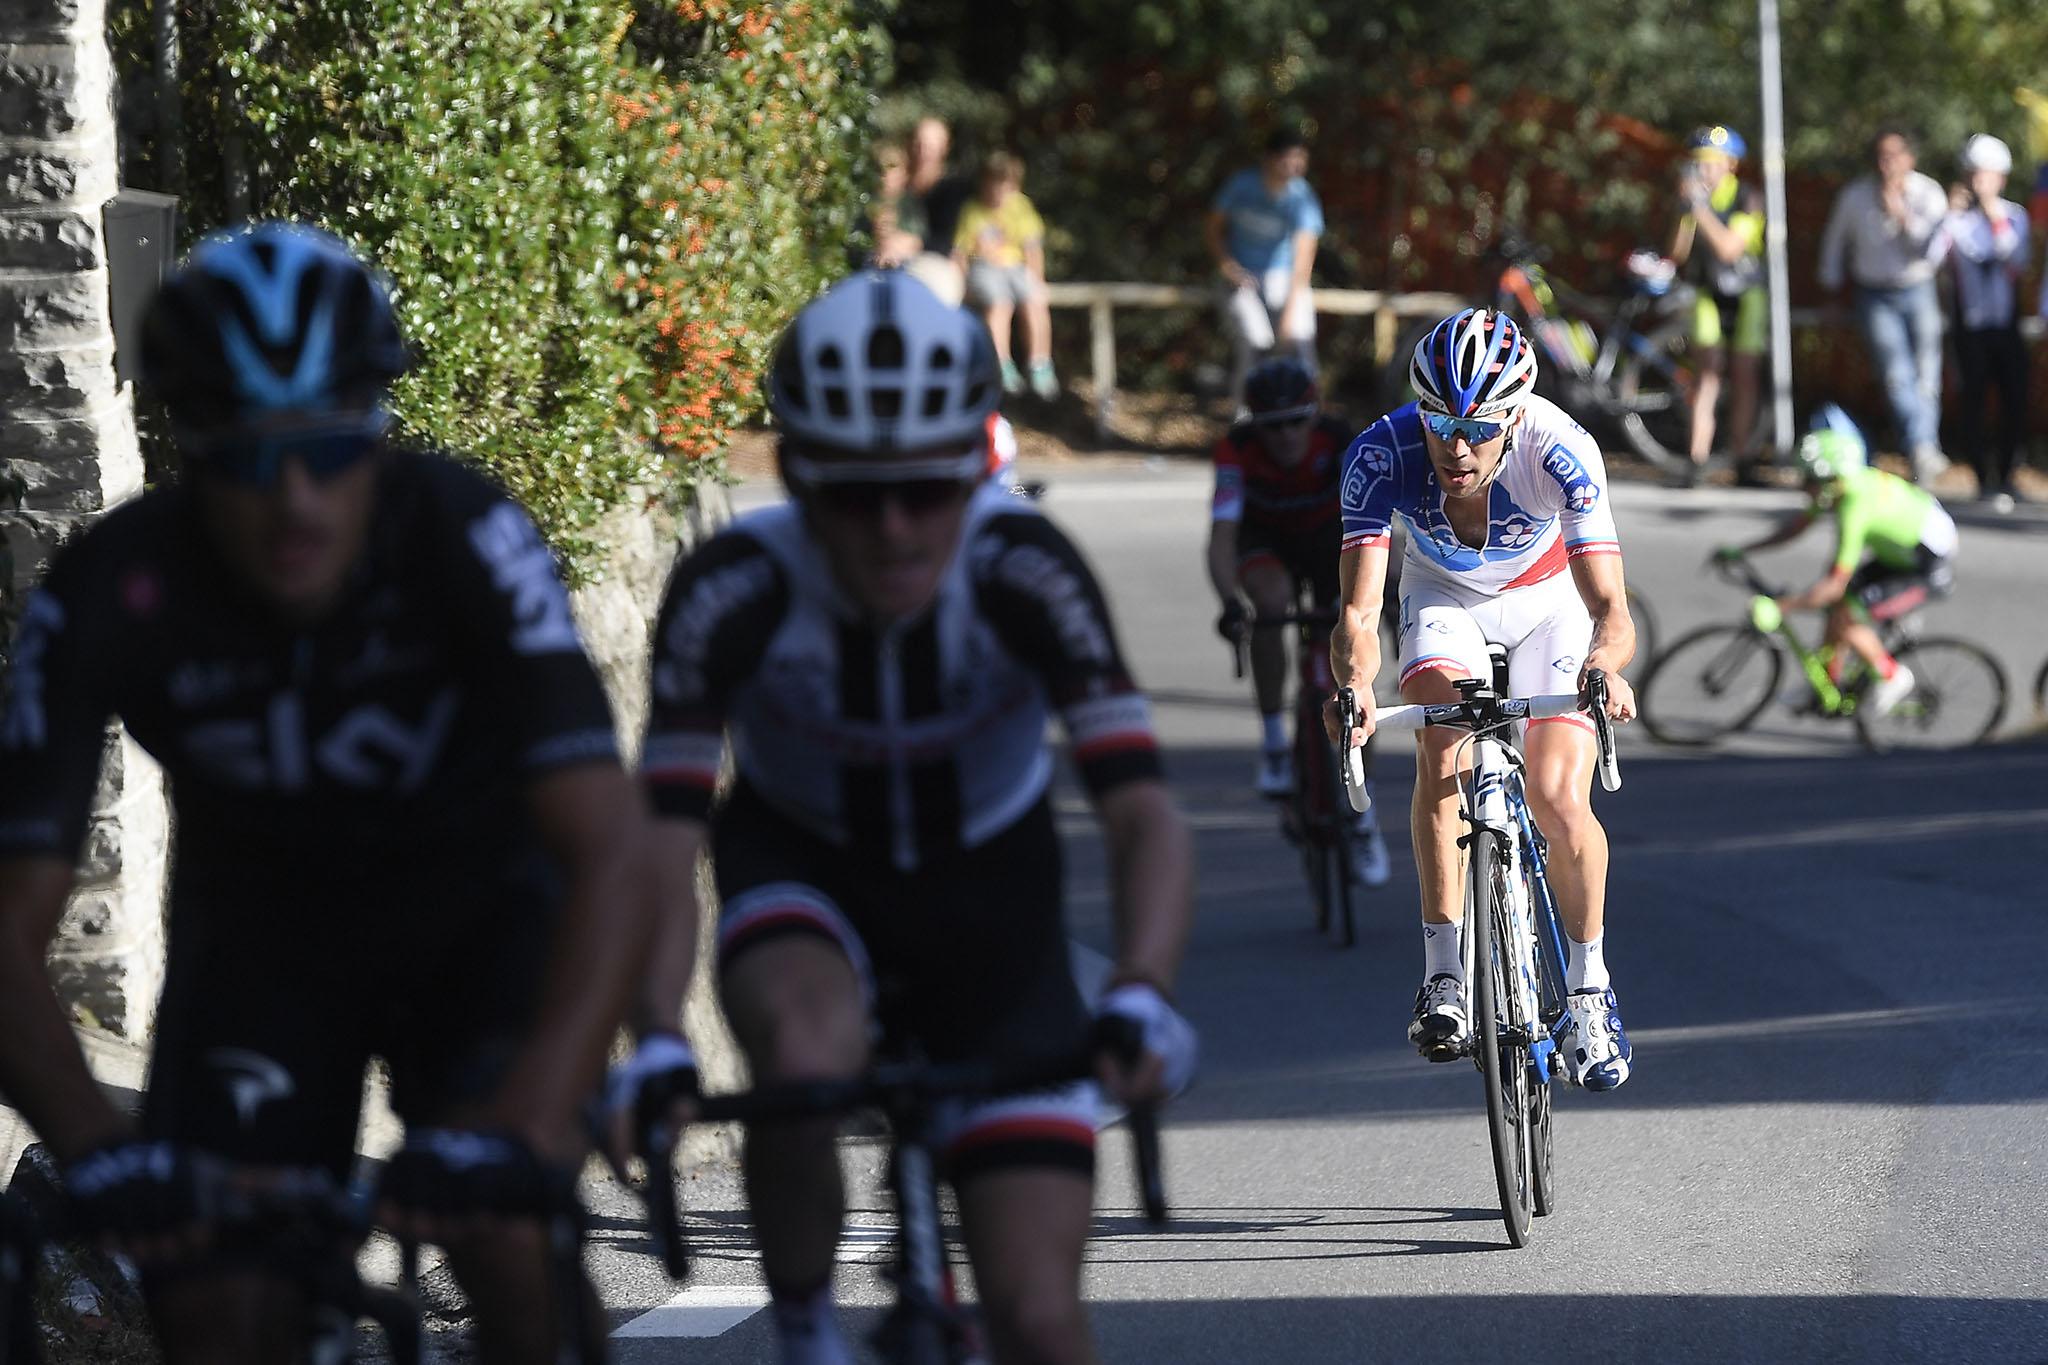 Gran Fondo Il Lombardia: new uphill finish on the Civiglio for the 2018 edition